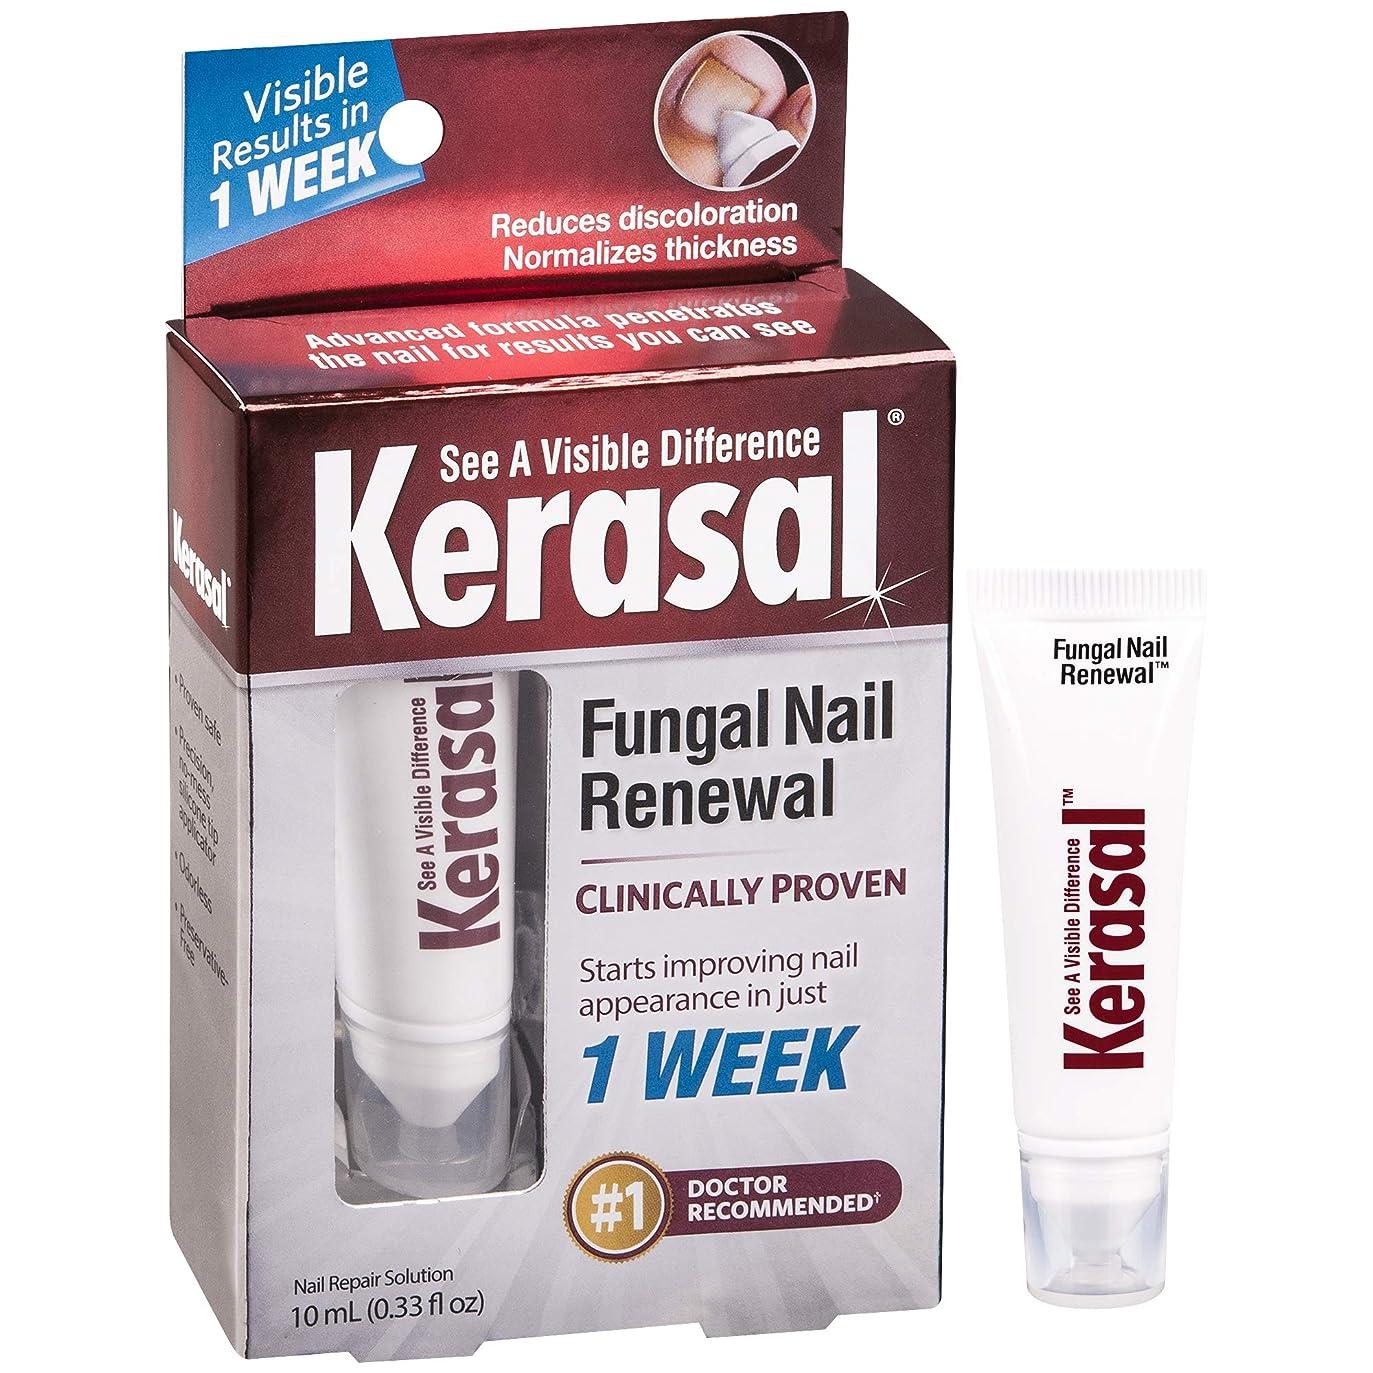 証人過度の正直Kerasal Nail Fungal Nail Renewal Treatment, 10ml by Kerasal